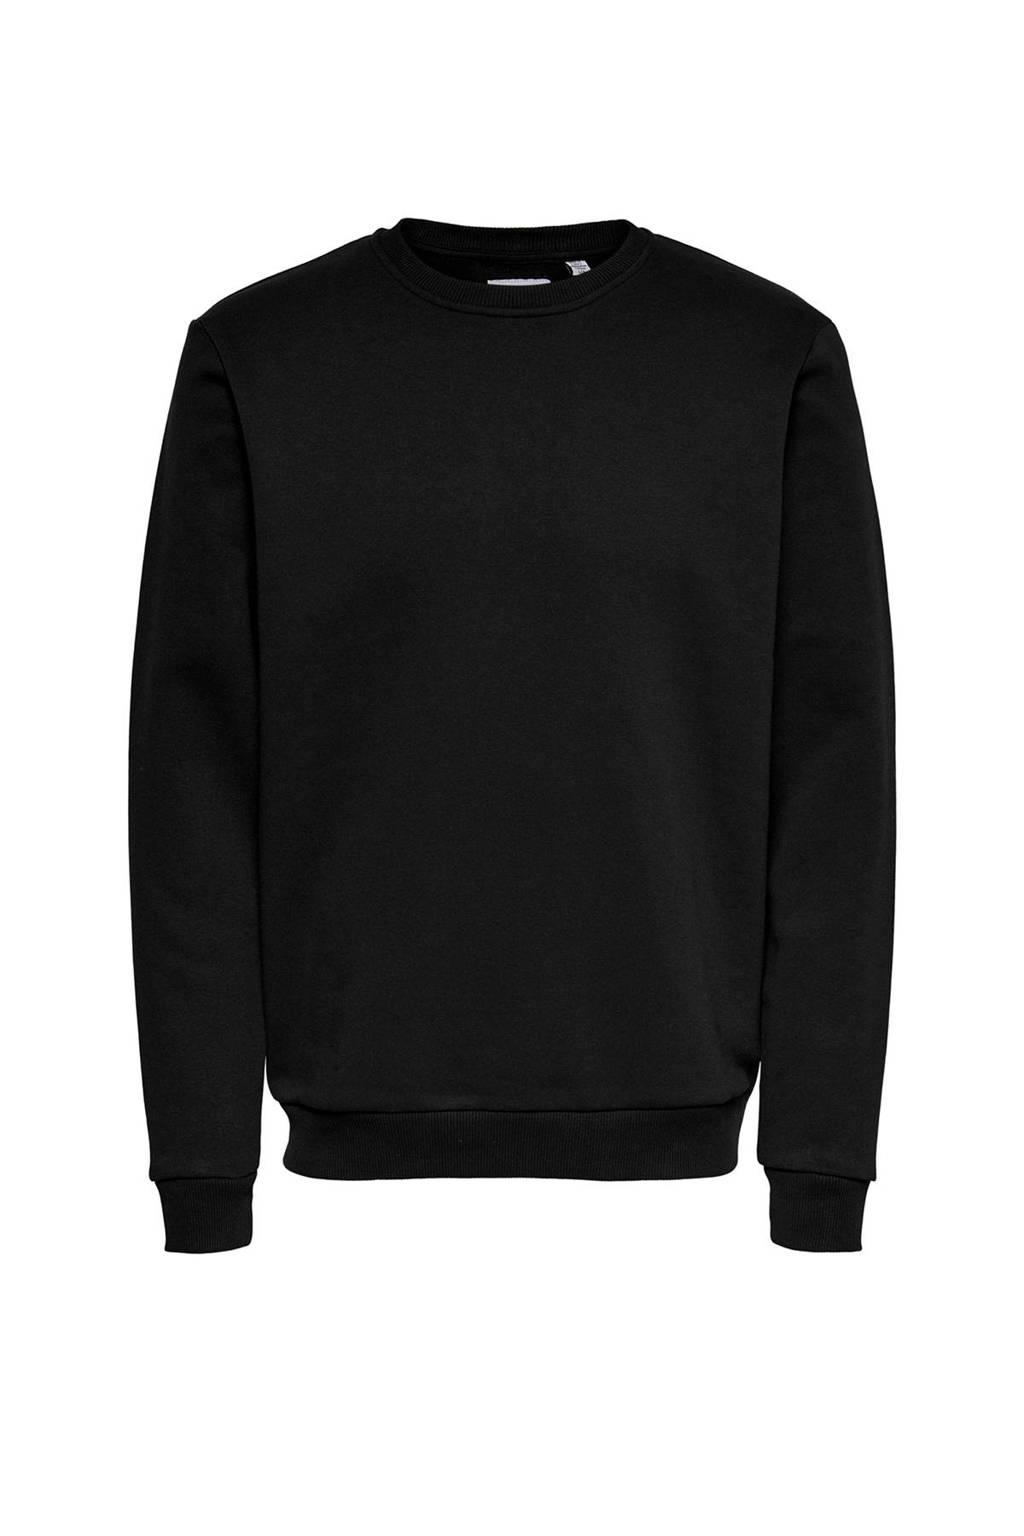 ONLY & SONS sweater zwart, Zwart